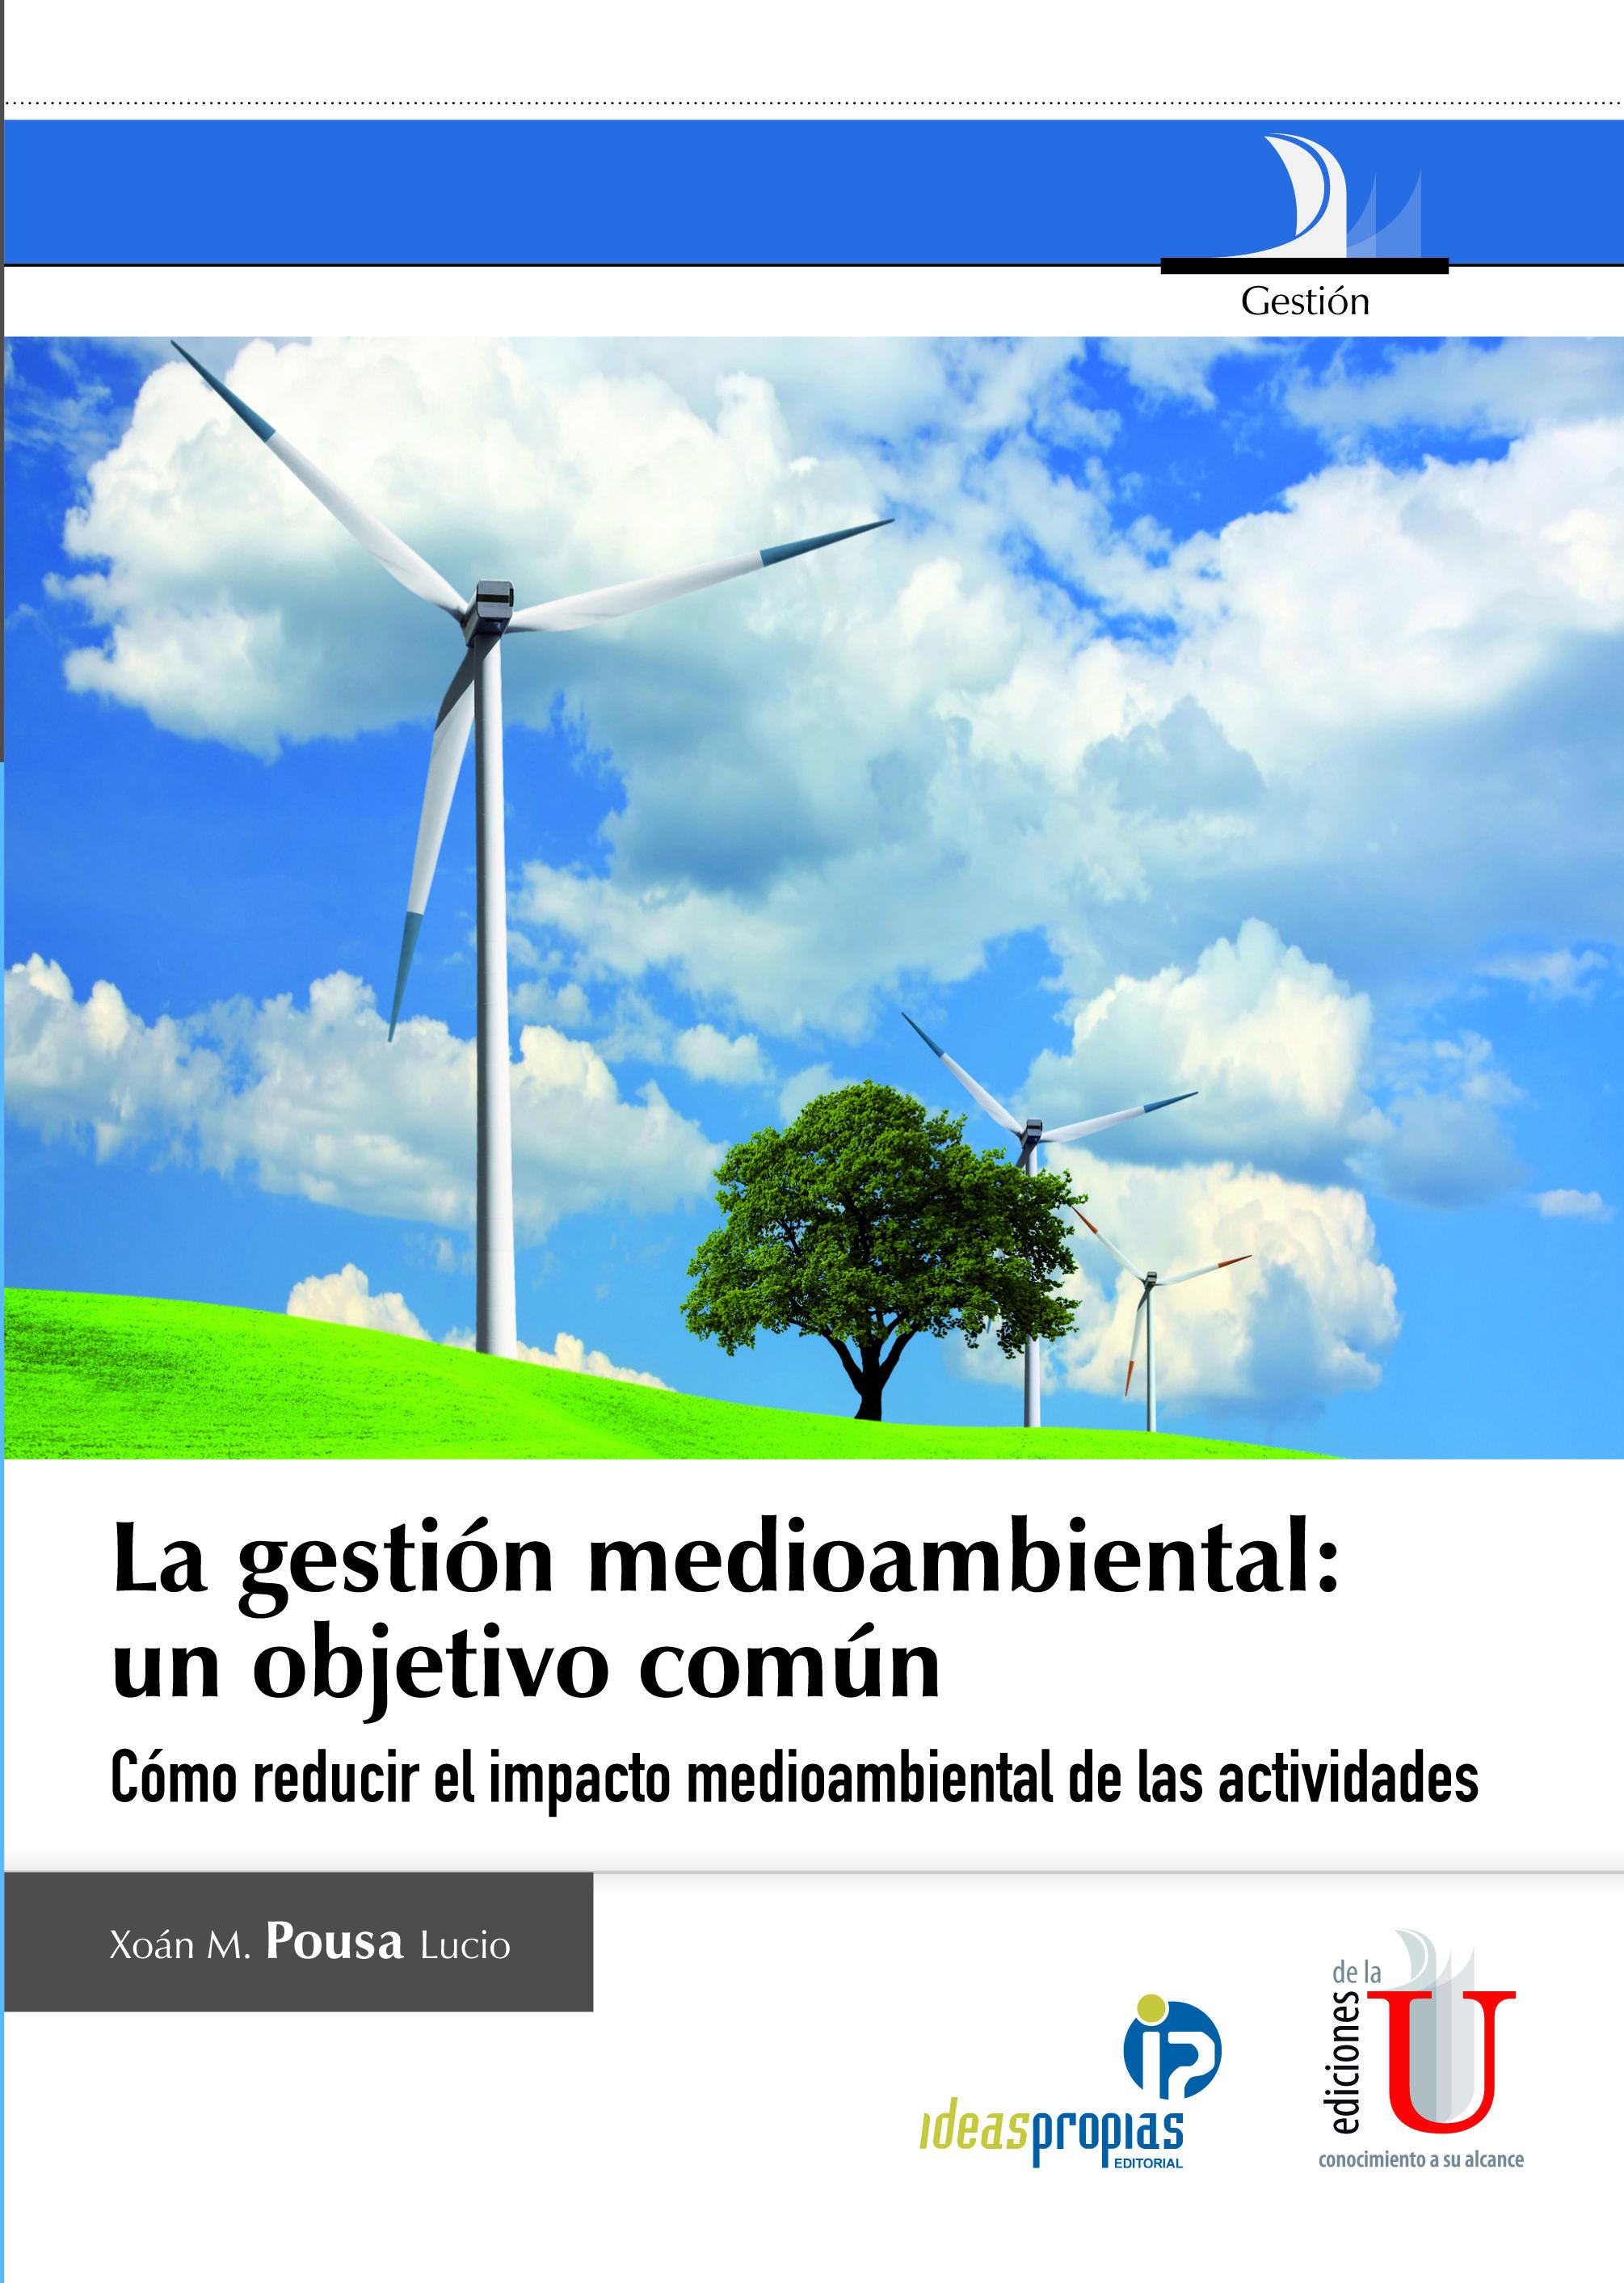 El desarrollo sostenible consiste en mantener el nivel de vida del ser humano sin destruir la capacidad del medio natural. Este desarrollo es posible gracias a la educación medioambiental y a la gestión de los recursos mediante acciones de conservación